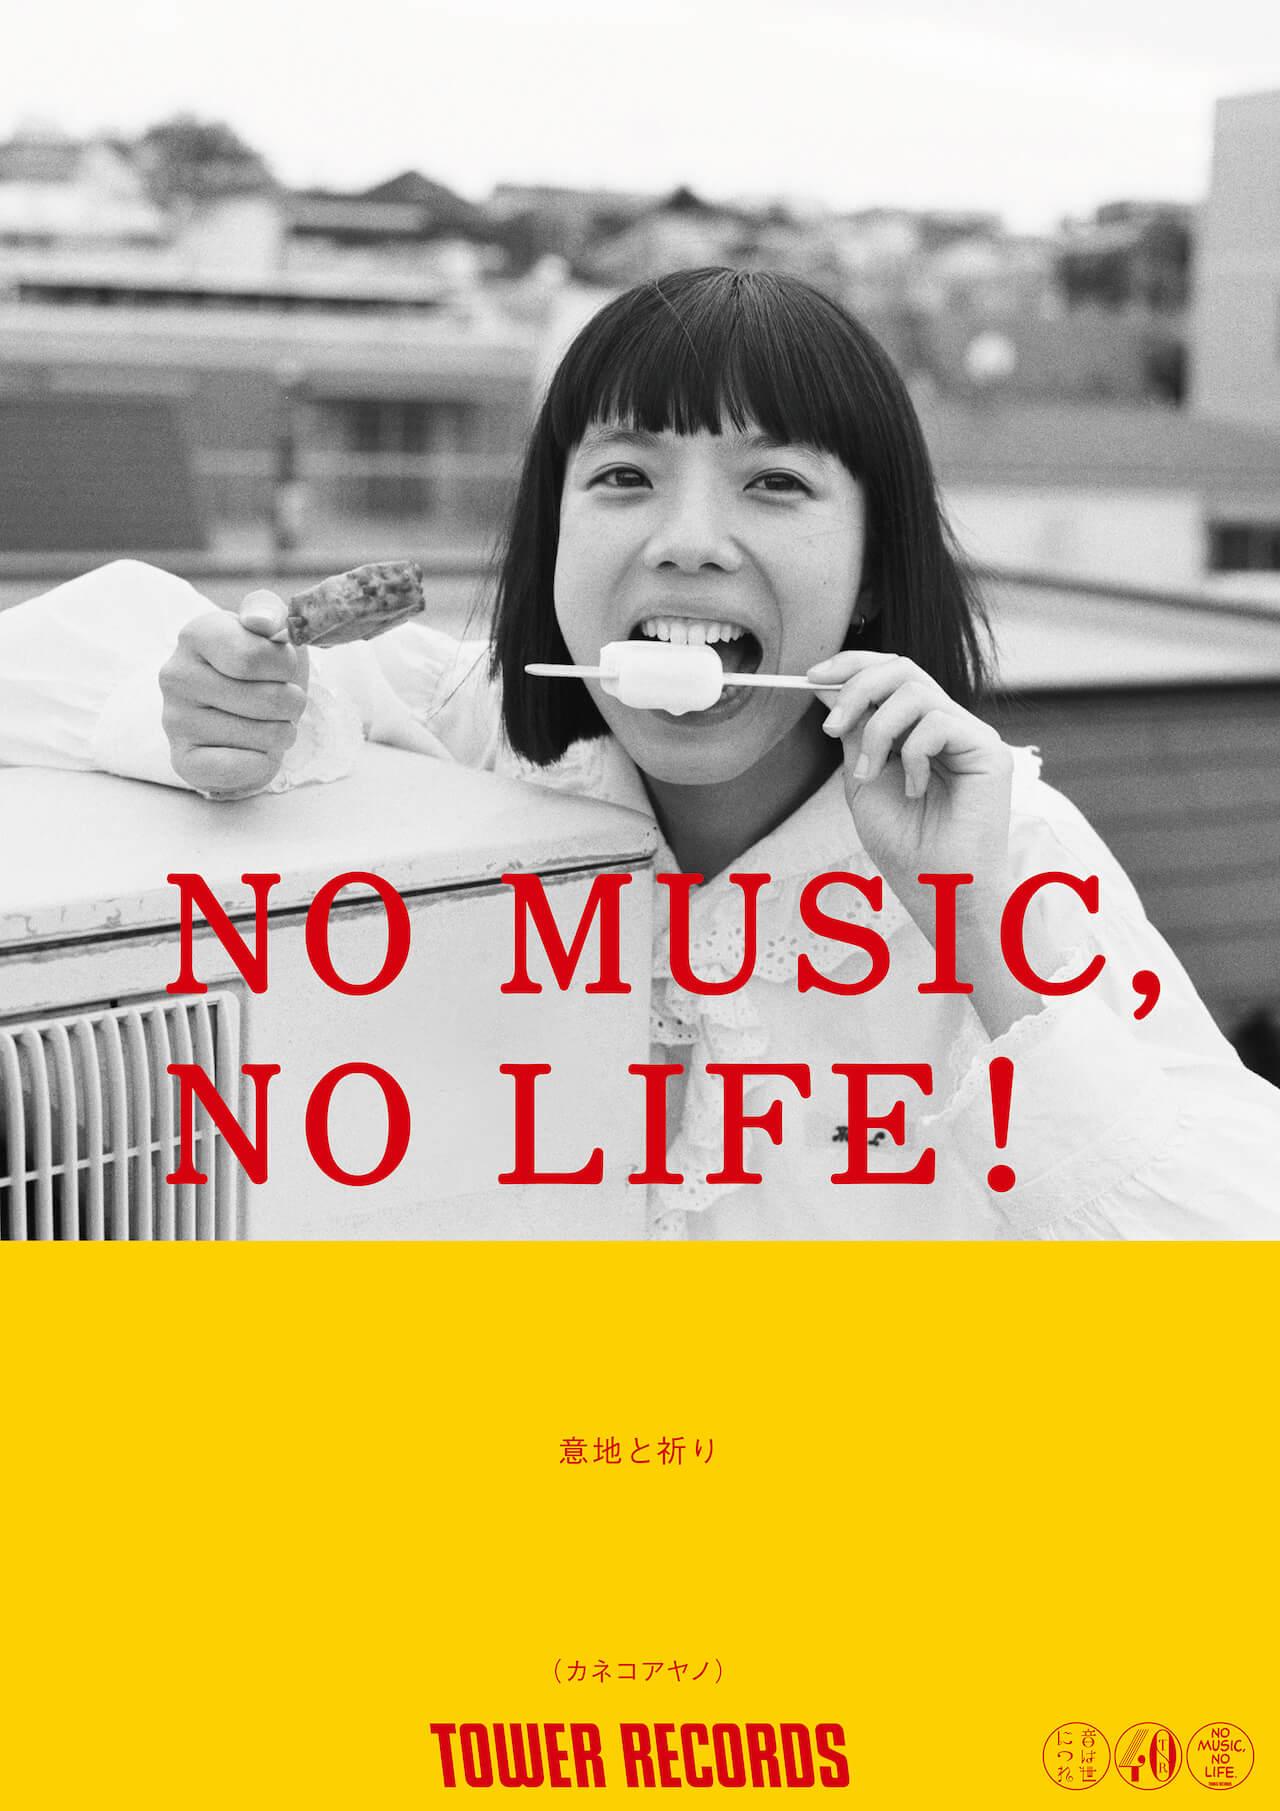 カネコアヤノ、9月発売の新AL『燦々』収録曲「光の方へ」のMVを公開|監督は岡田貴之 kanekoayano-1